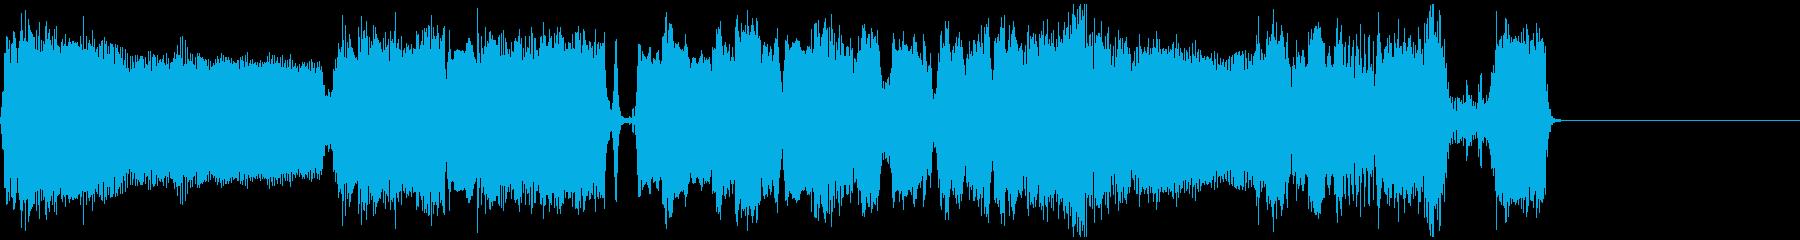 クールなエレキギターアイキャッチ3の再生済みの波形